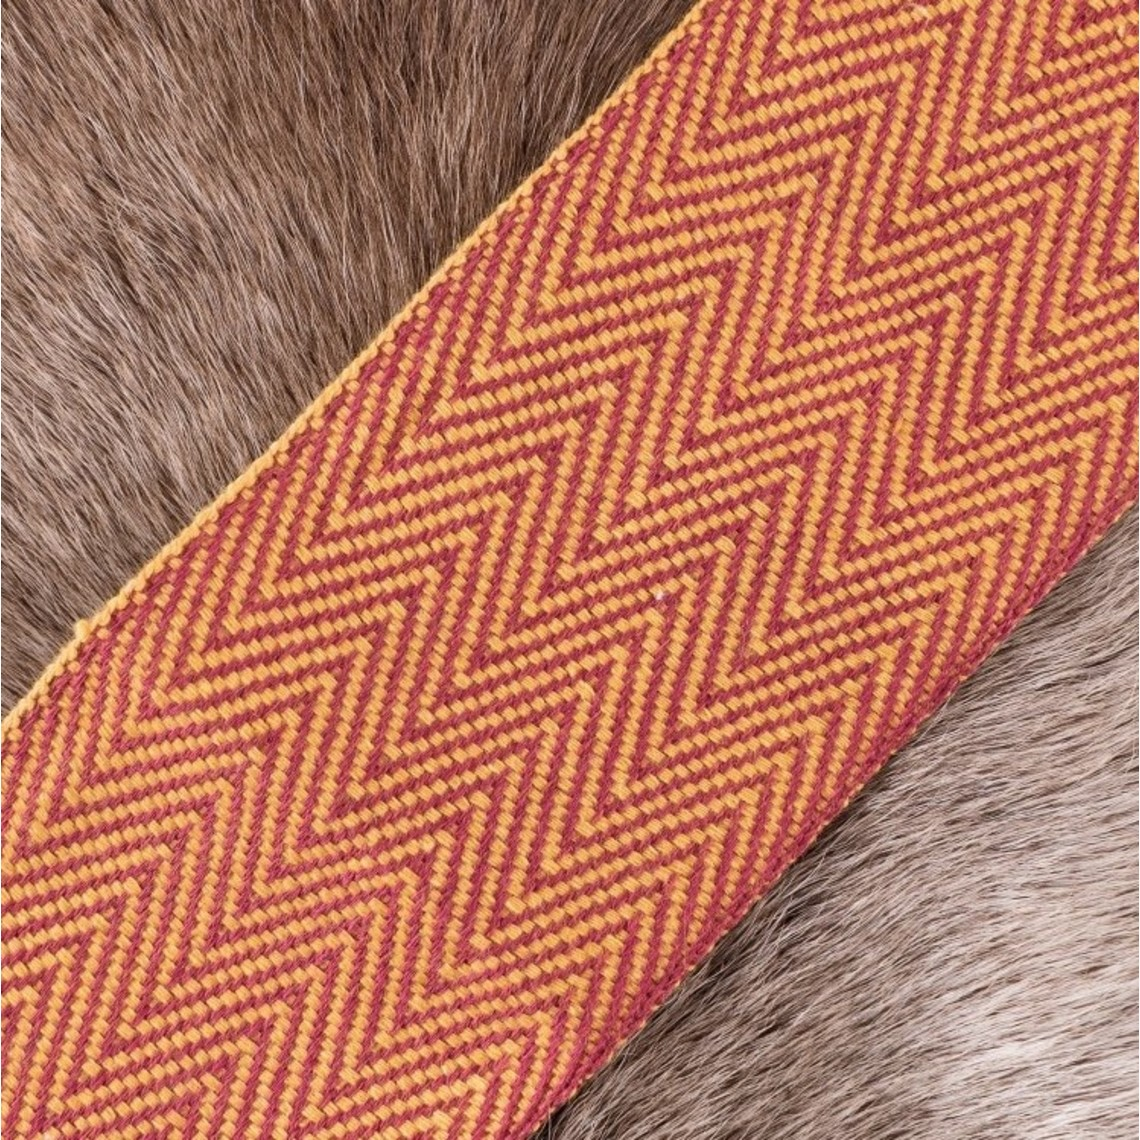 Herringbone motif fabric yellow-red, 10 cm wide, per 7 metre